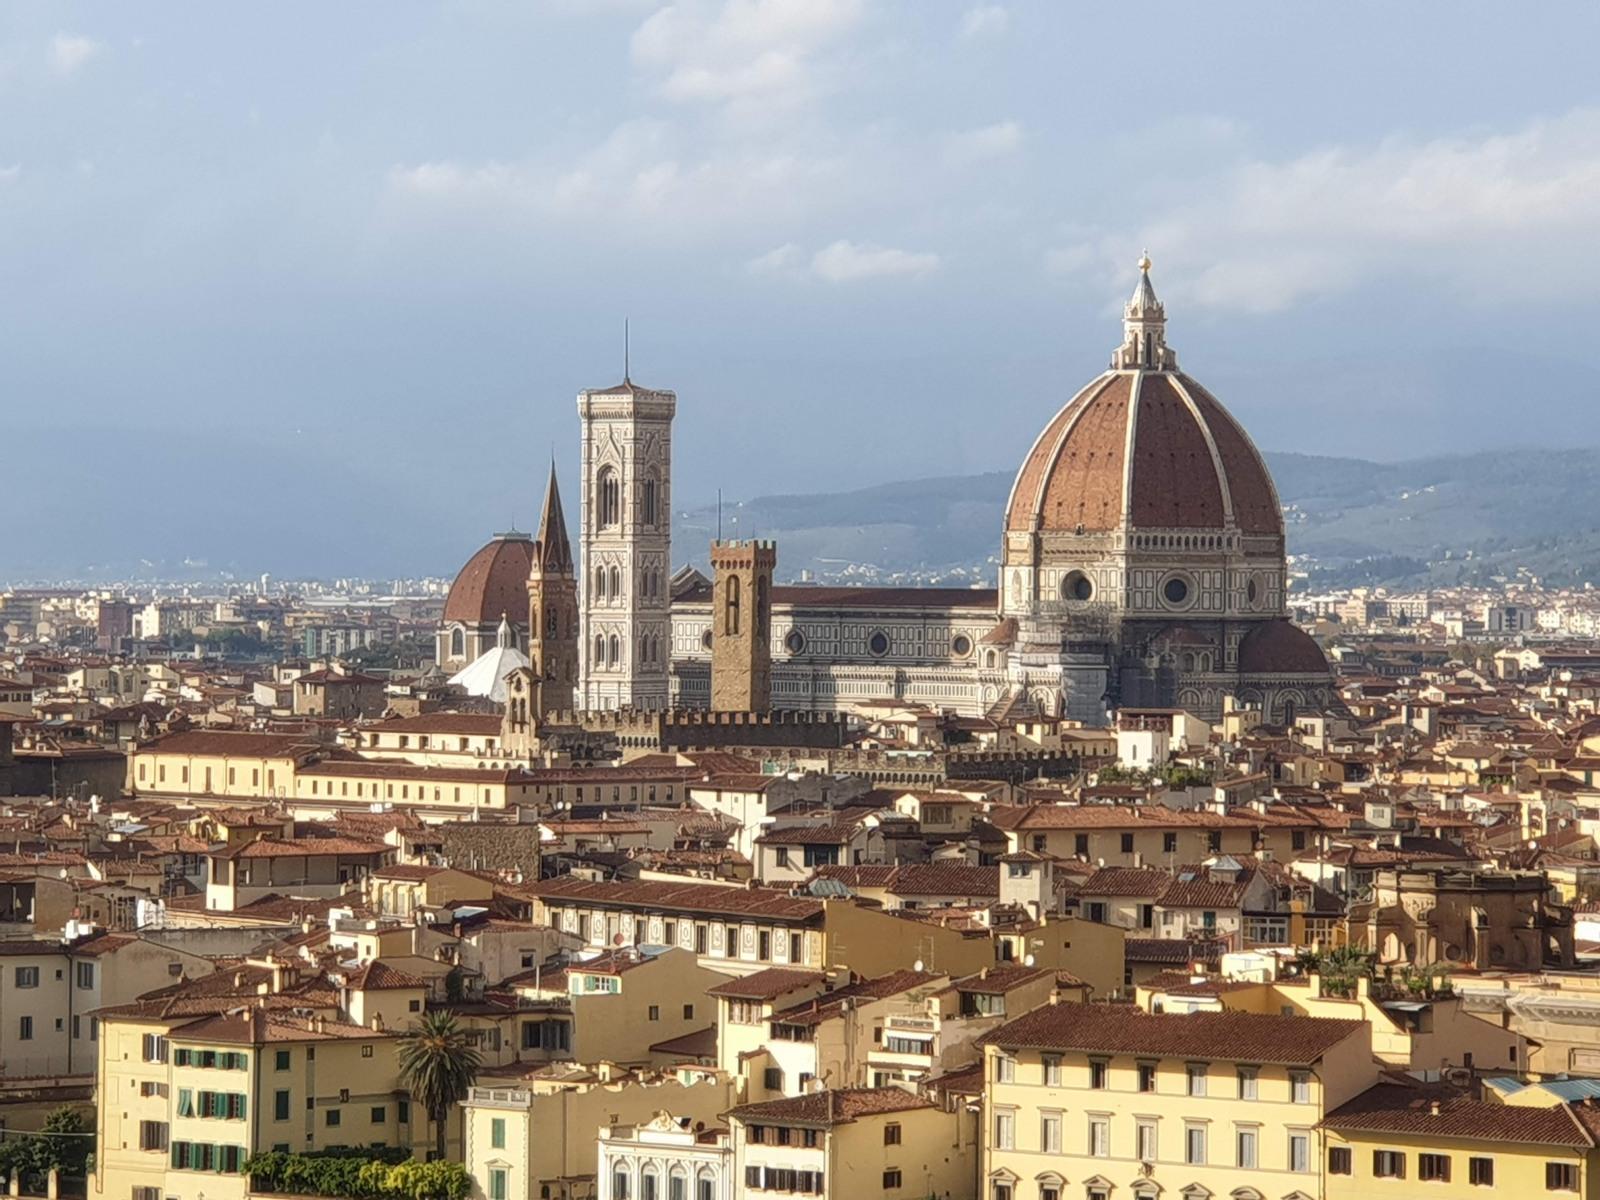 Vista aproximada Piazzale Michelangelo